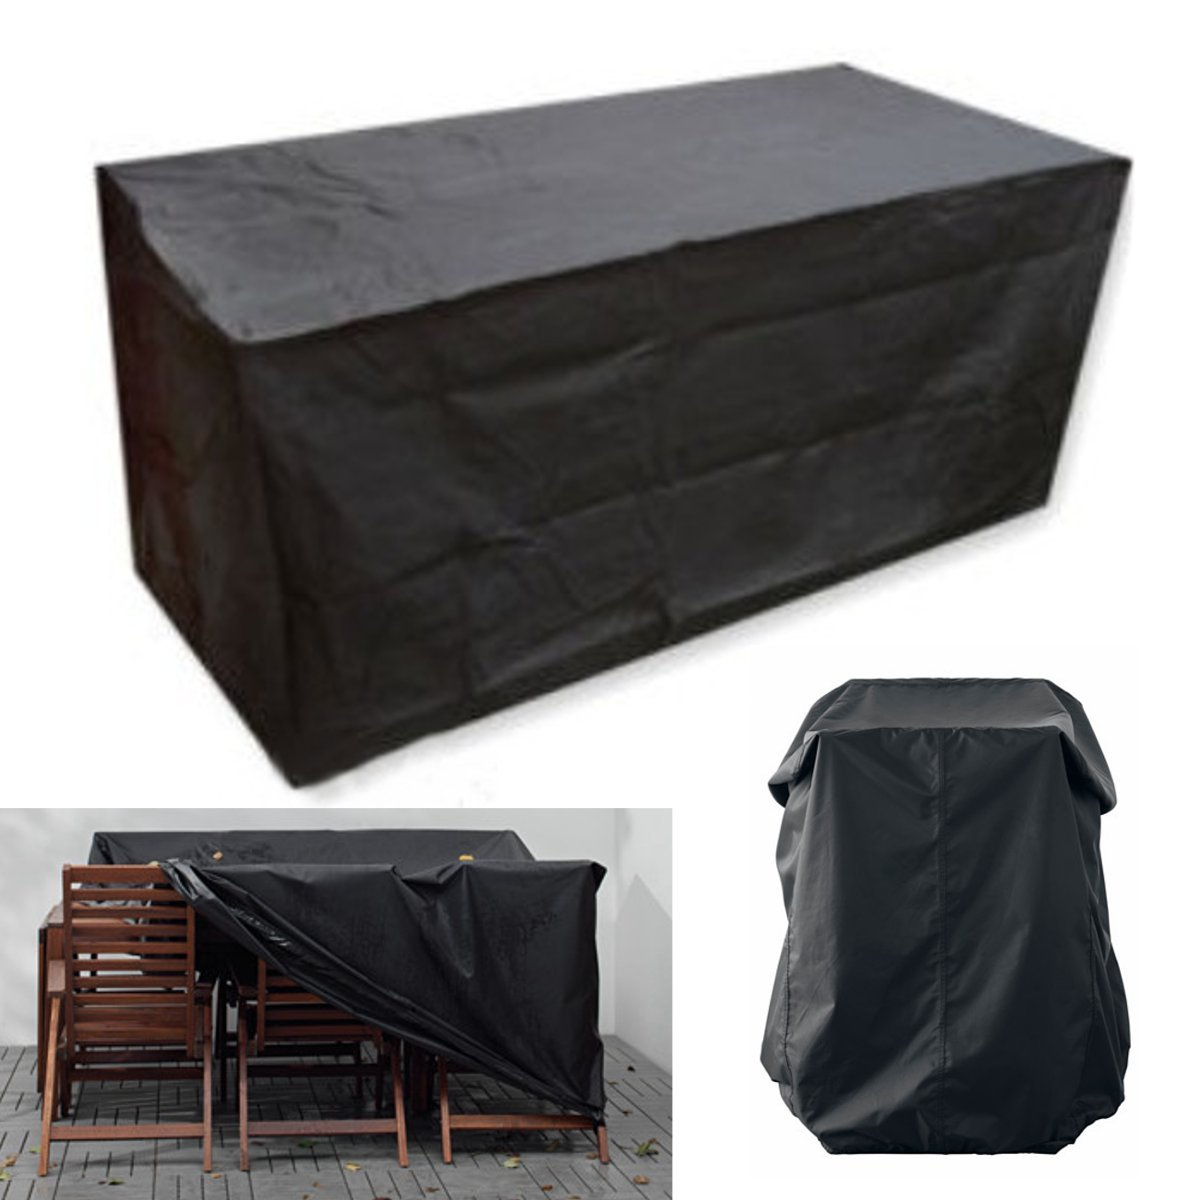 Housse de protection dDanke - Pour meubles de jardin - Noire - Rectangulaire - 170 x 97 x 71 cm - En polyester - Imperméable - Anti-poussière: Amazon.es: Hogar